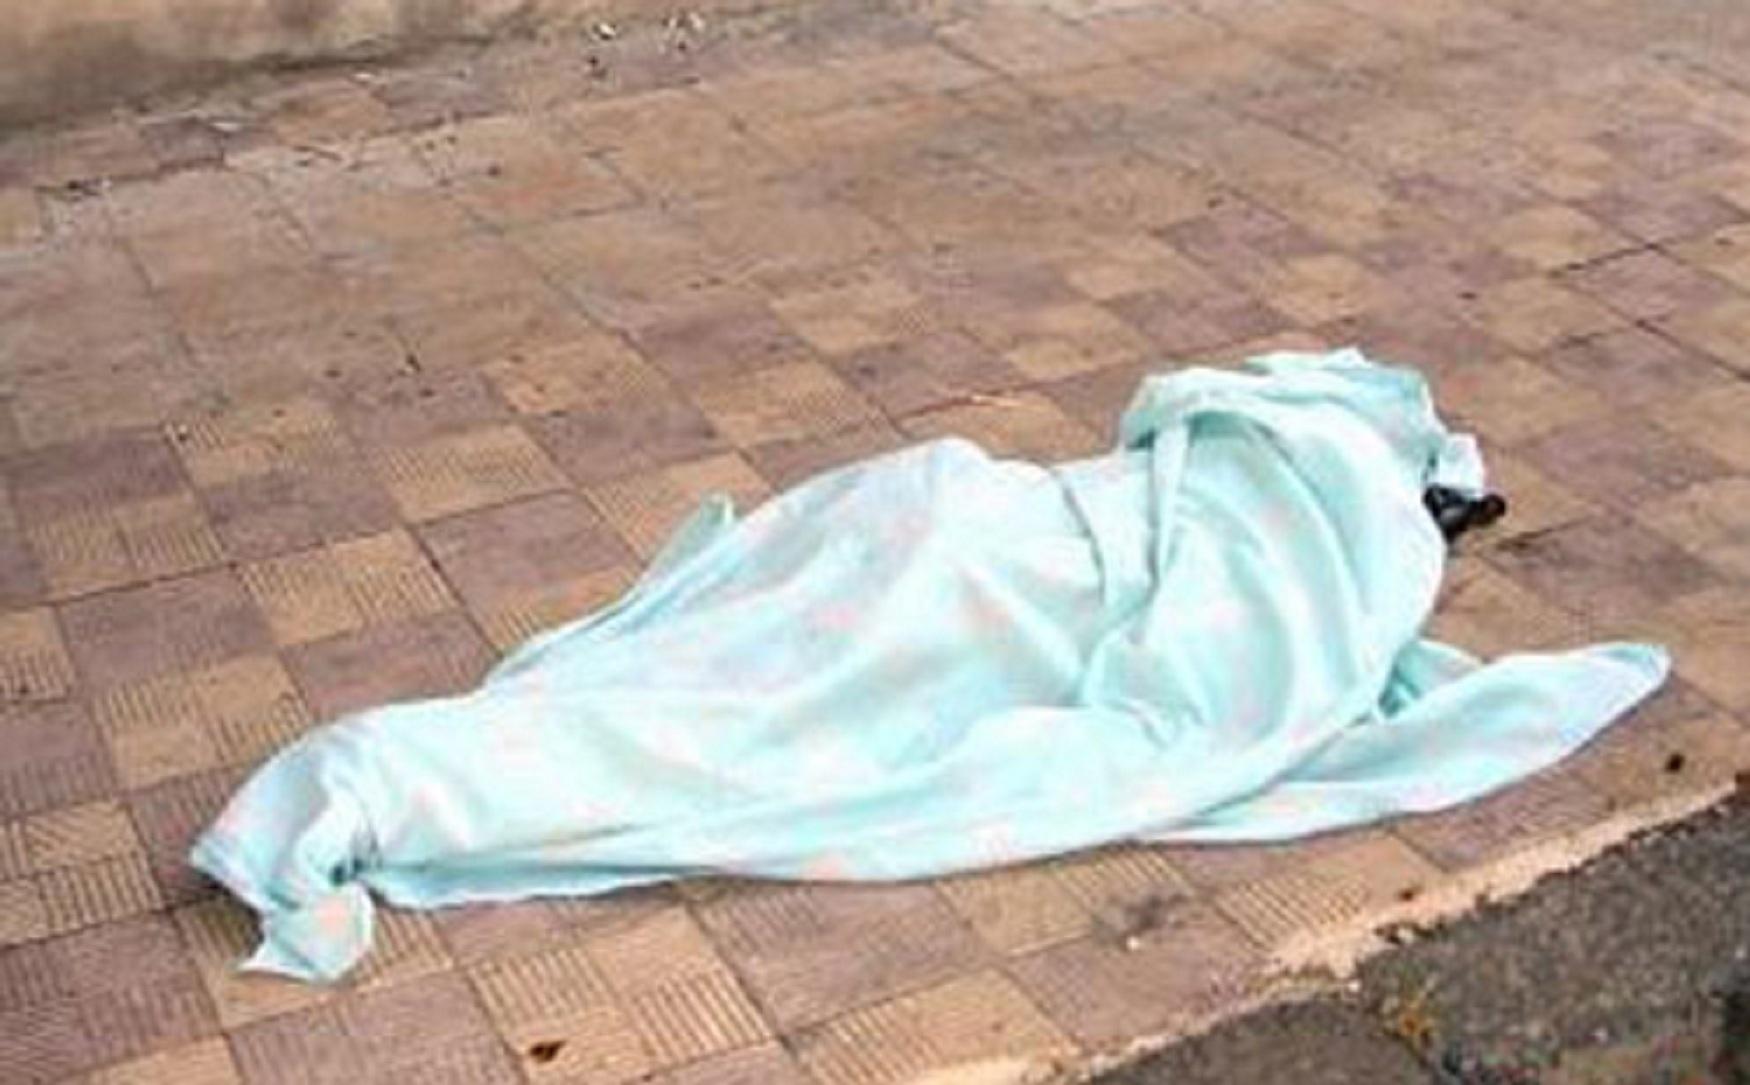 العثور على جثة متحللة بالمدينة القديمة بتيزنيت